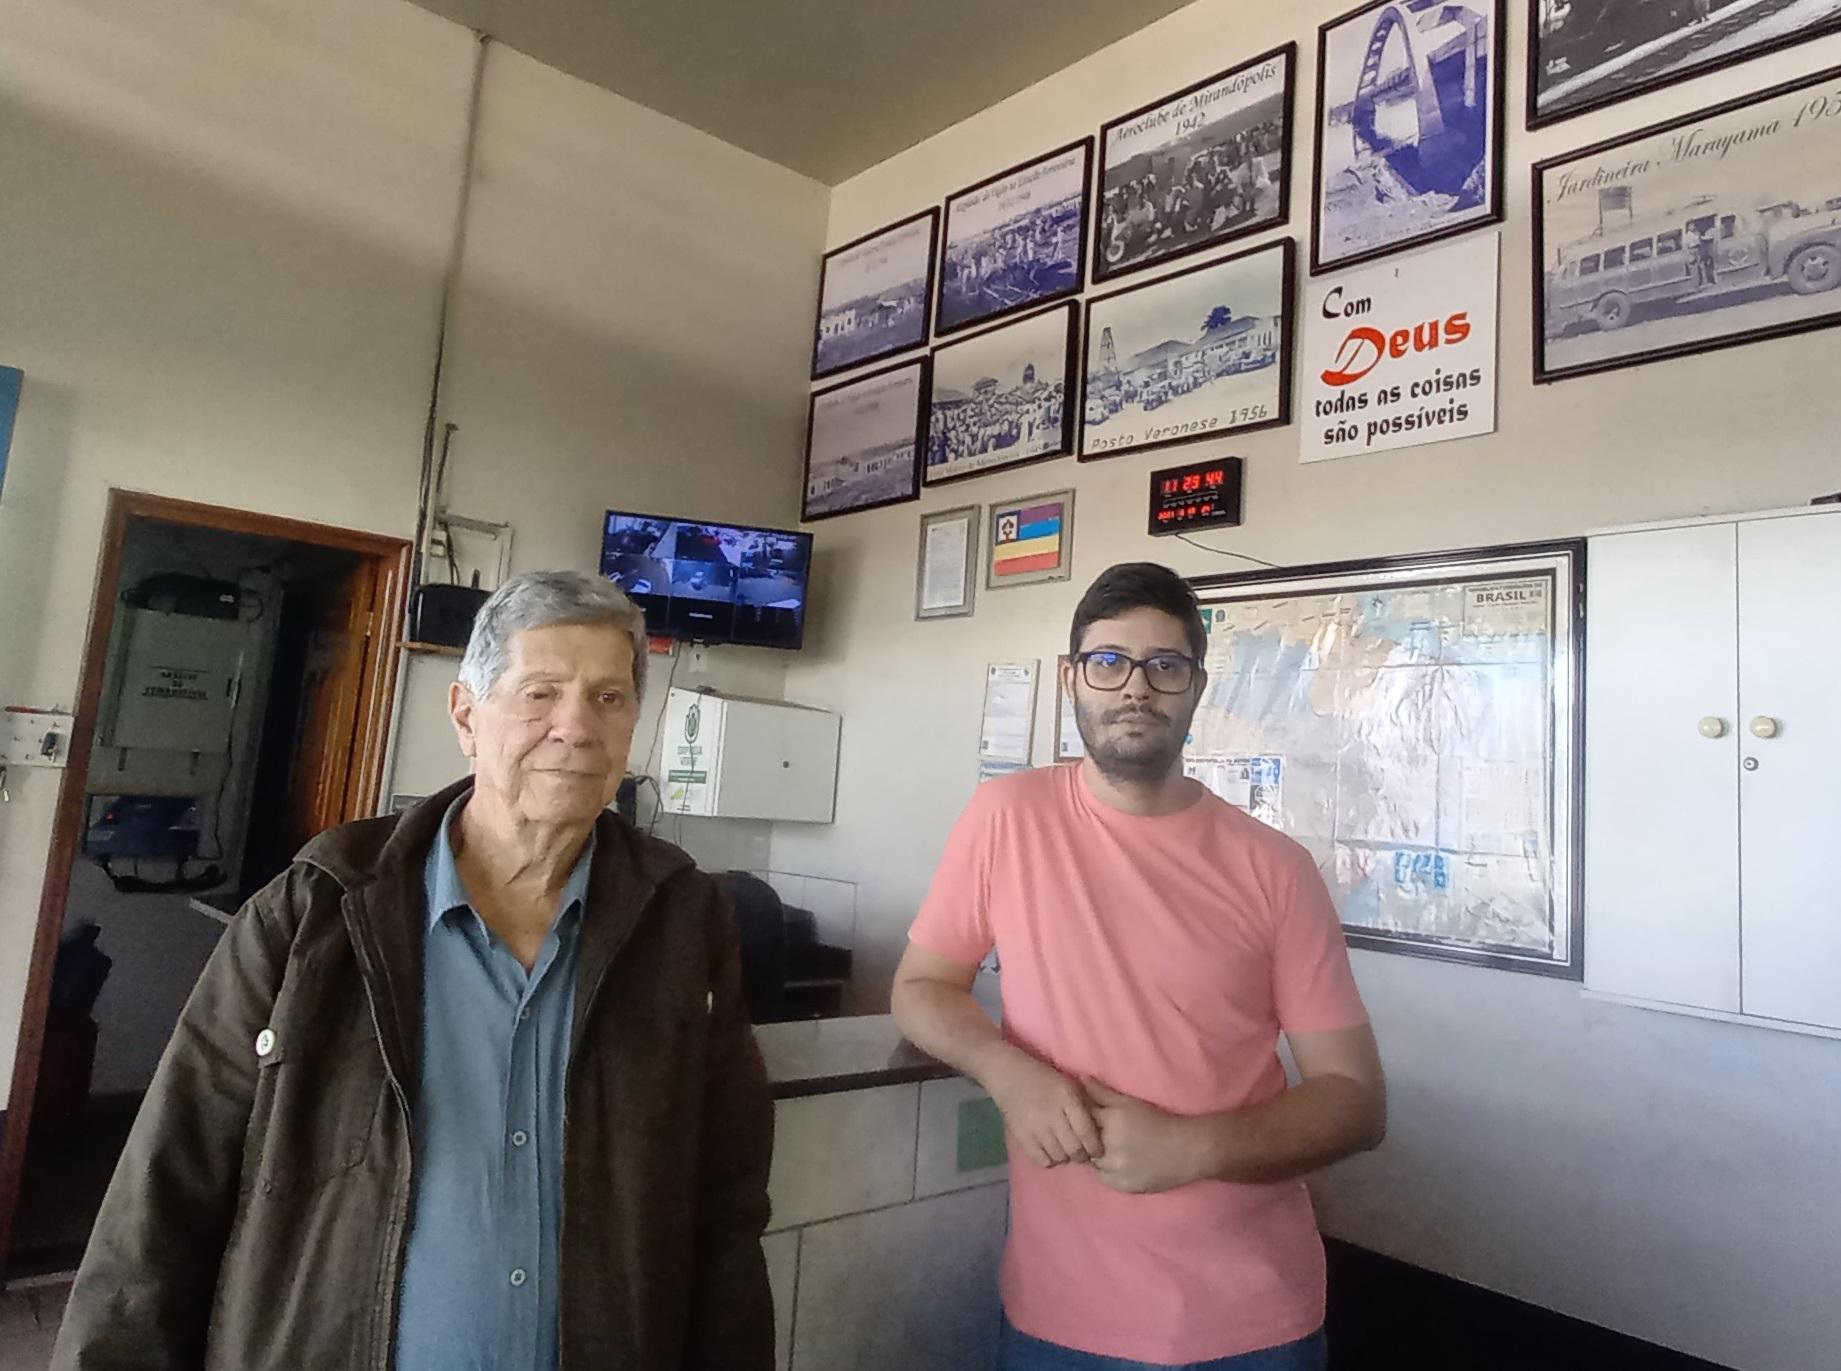 'Consegui me reerguer porque me coloquei na presença de Deus', explica Luiz Roberto Veronese